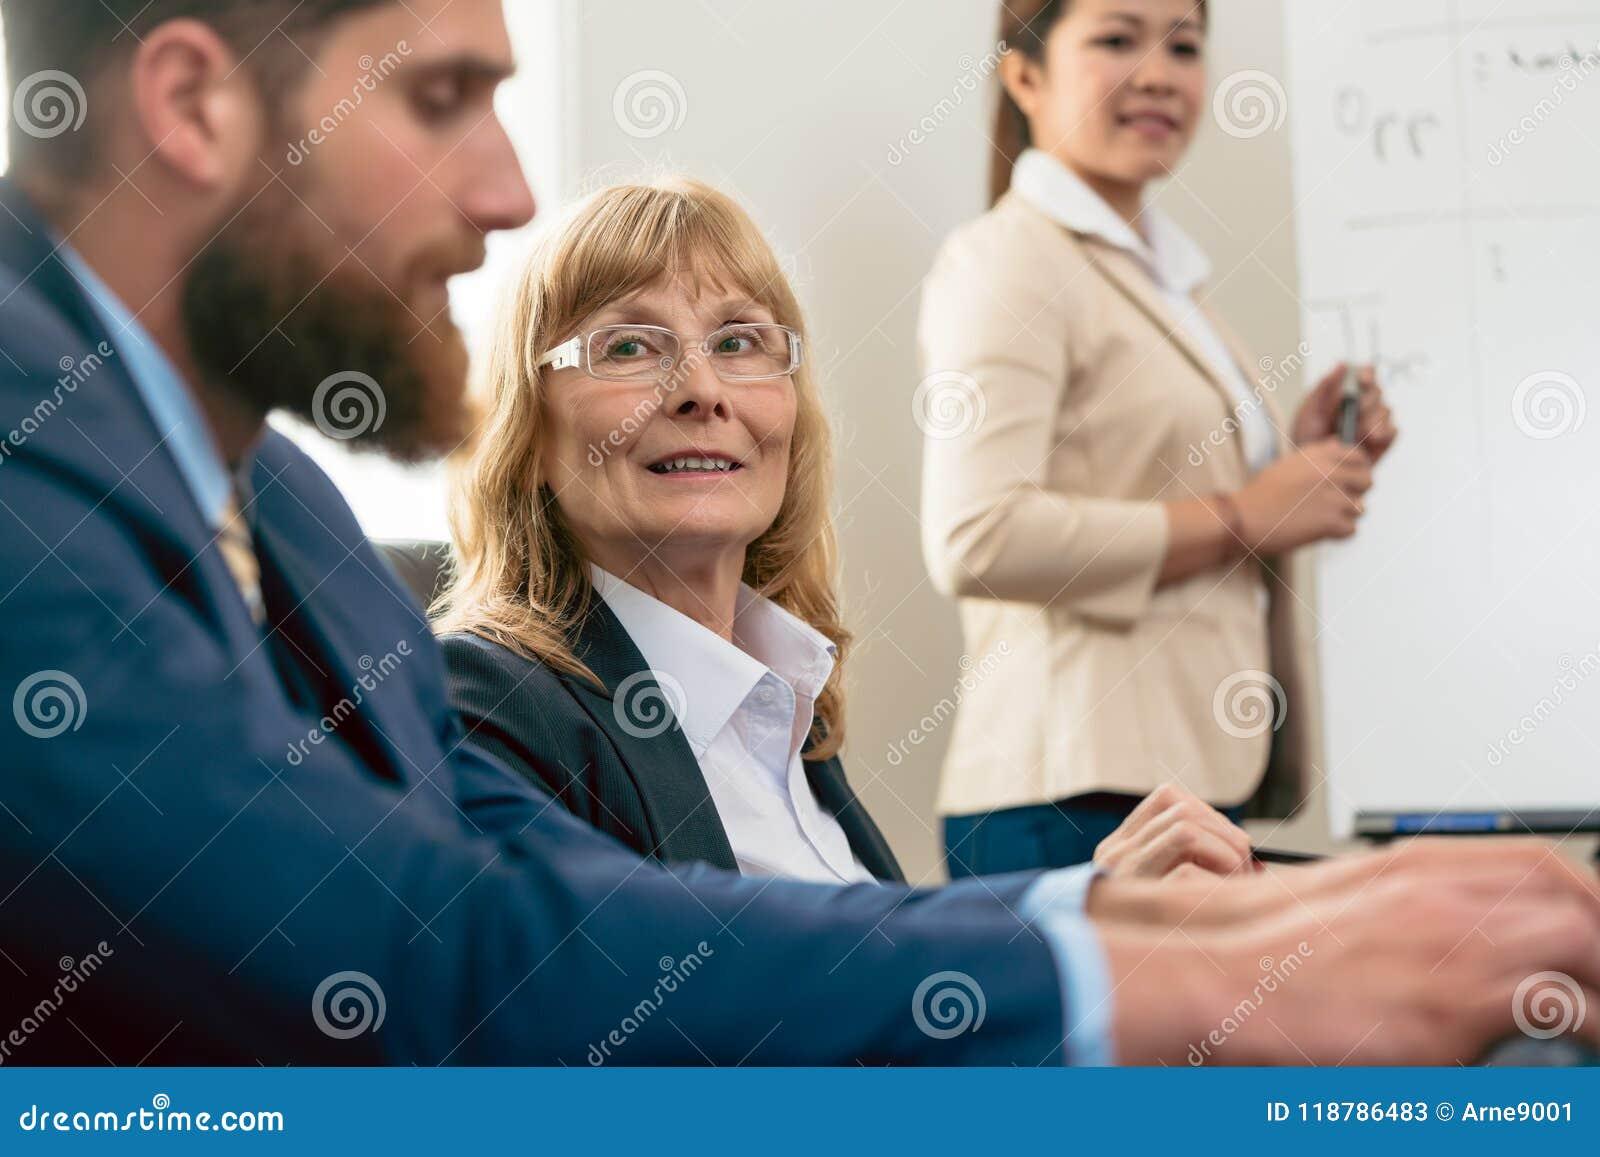 Stående av en medelålders kvinna under affärsmöte